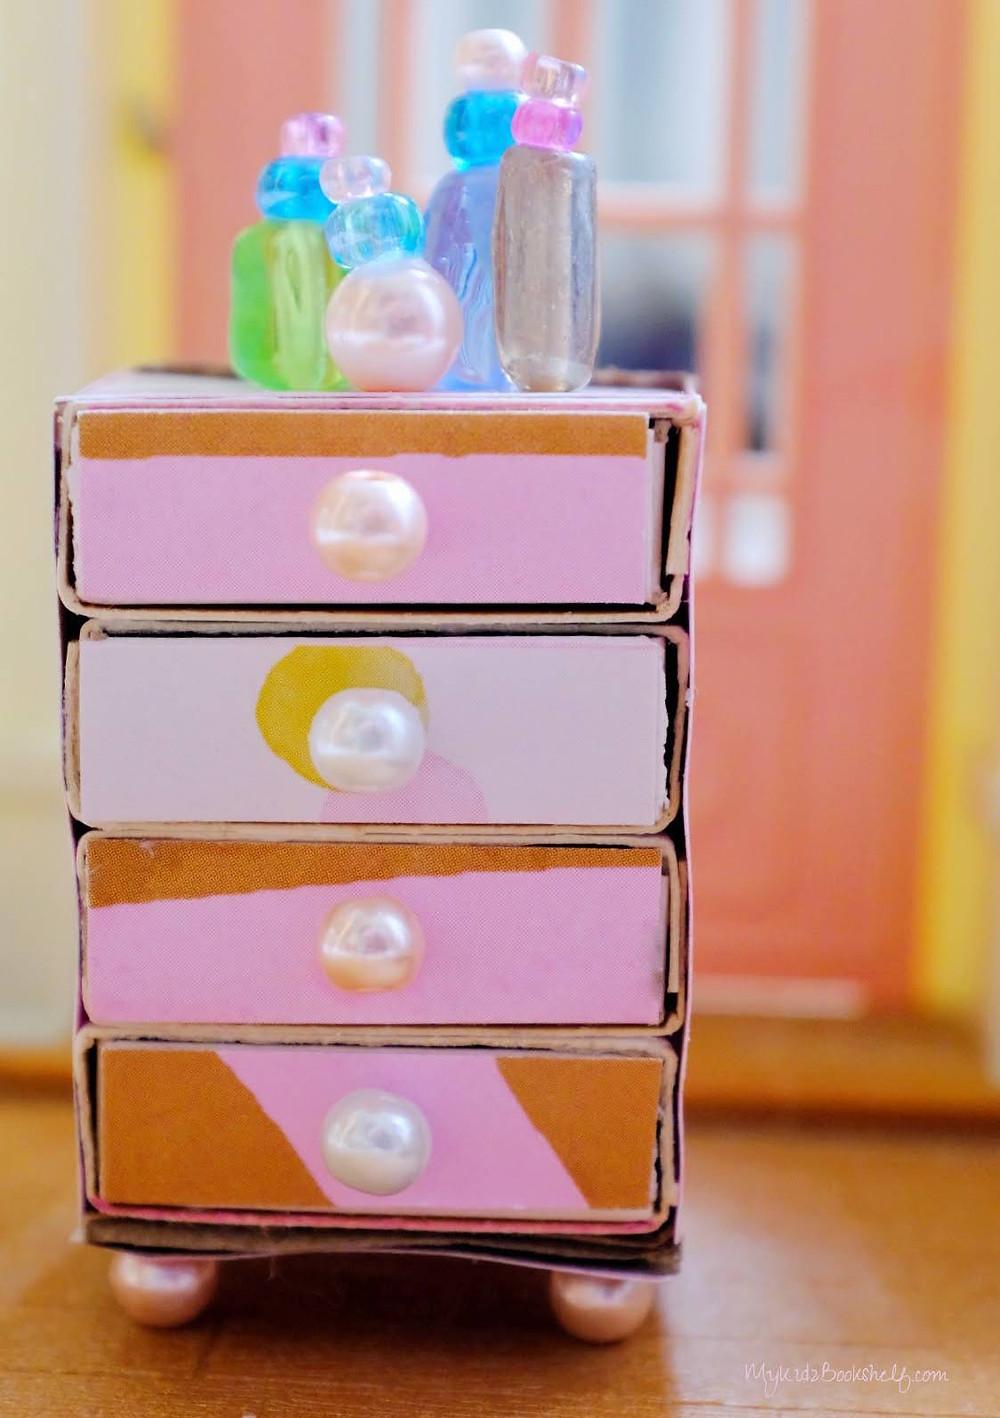 matchbox dresser diy miniature dresser with bottles made of glass beads